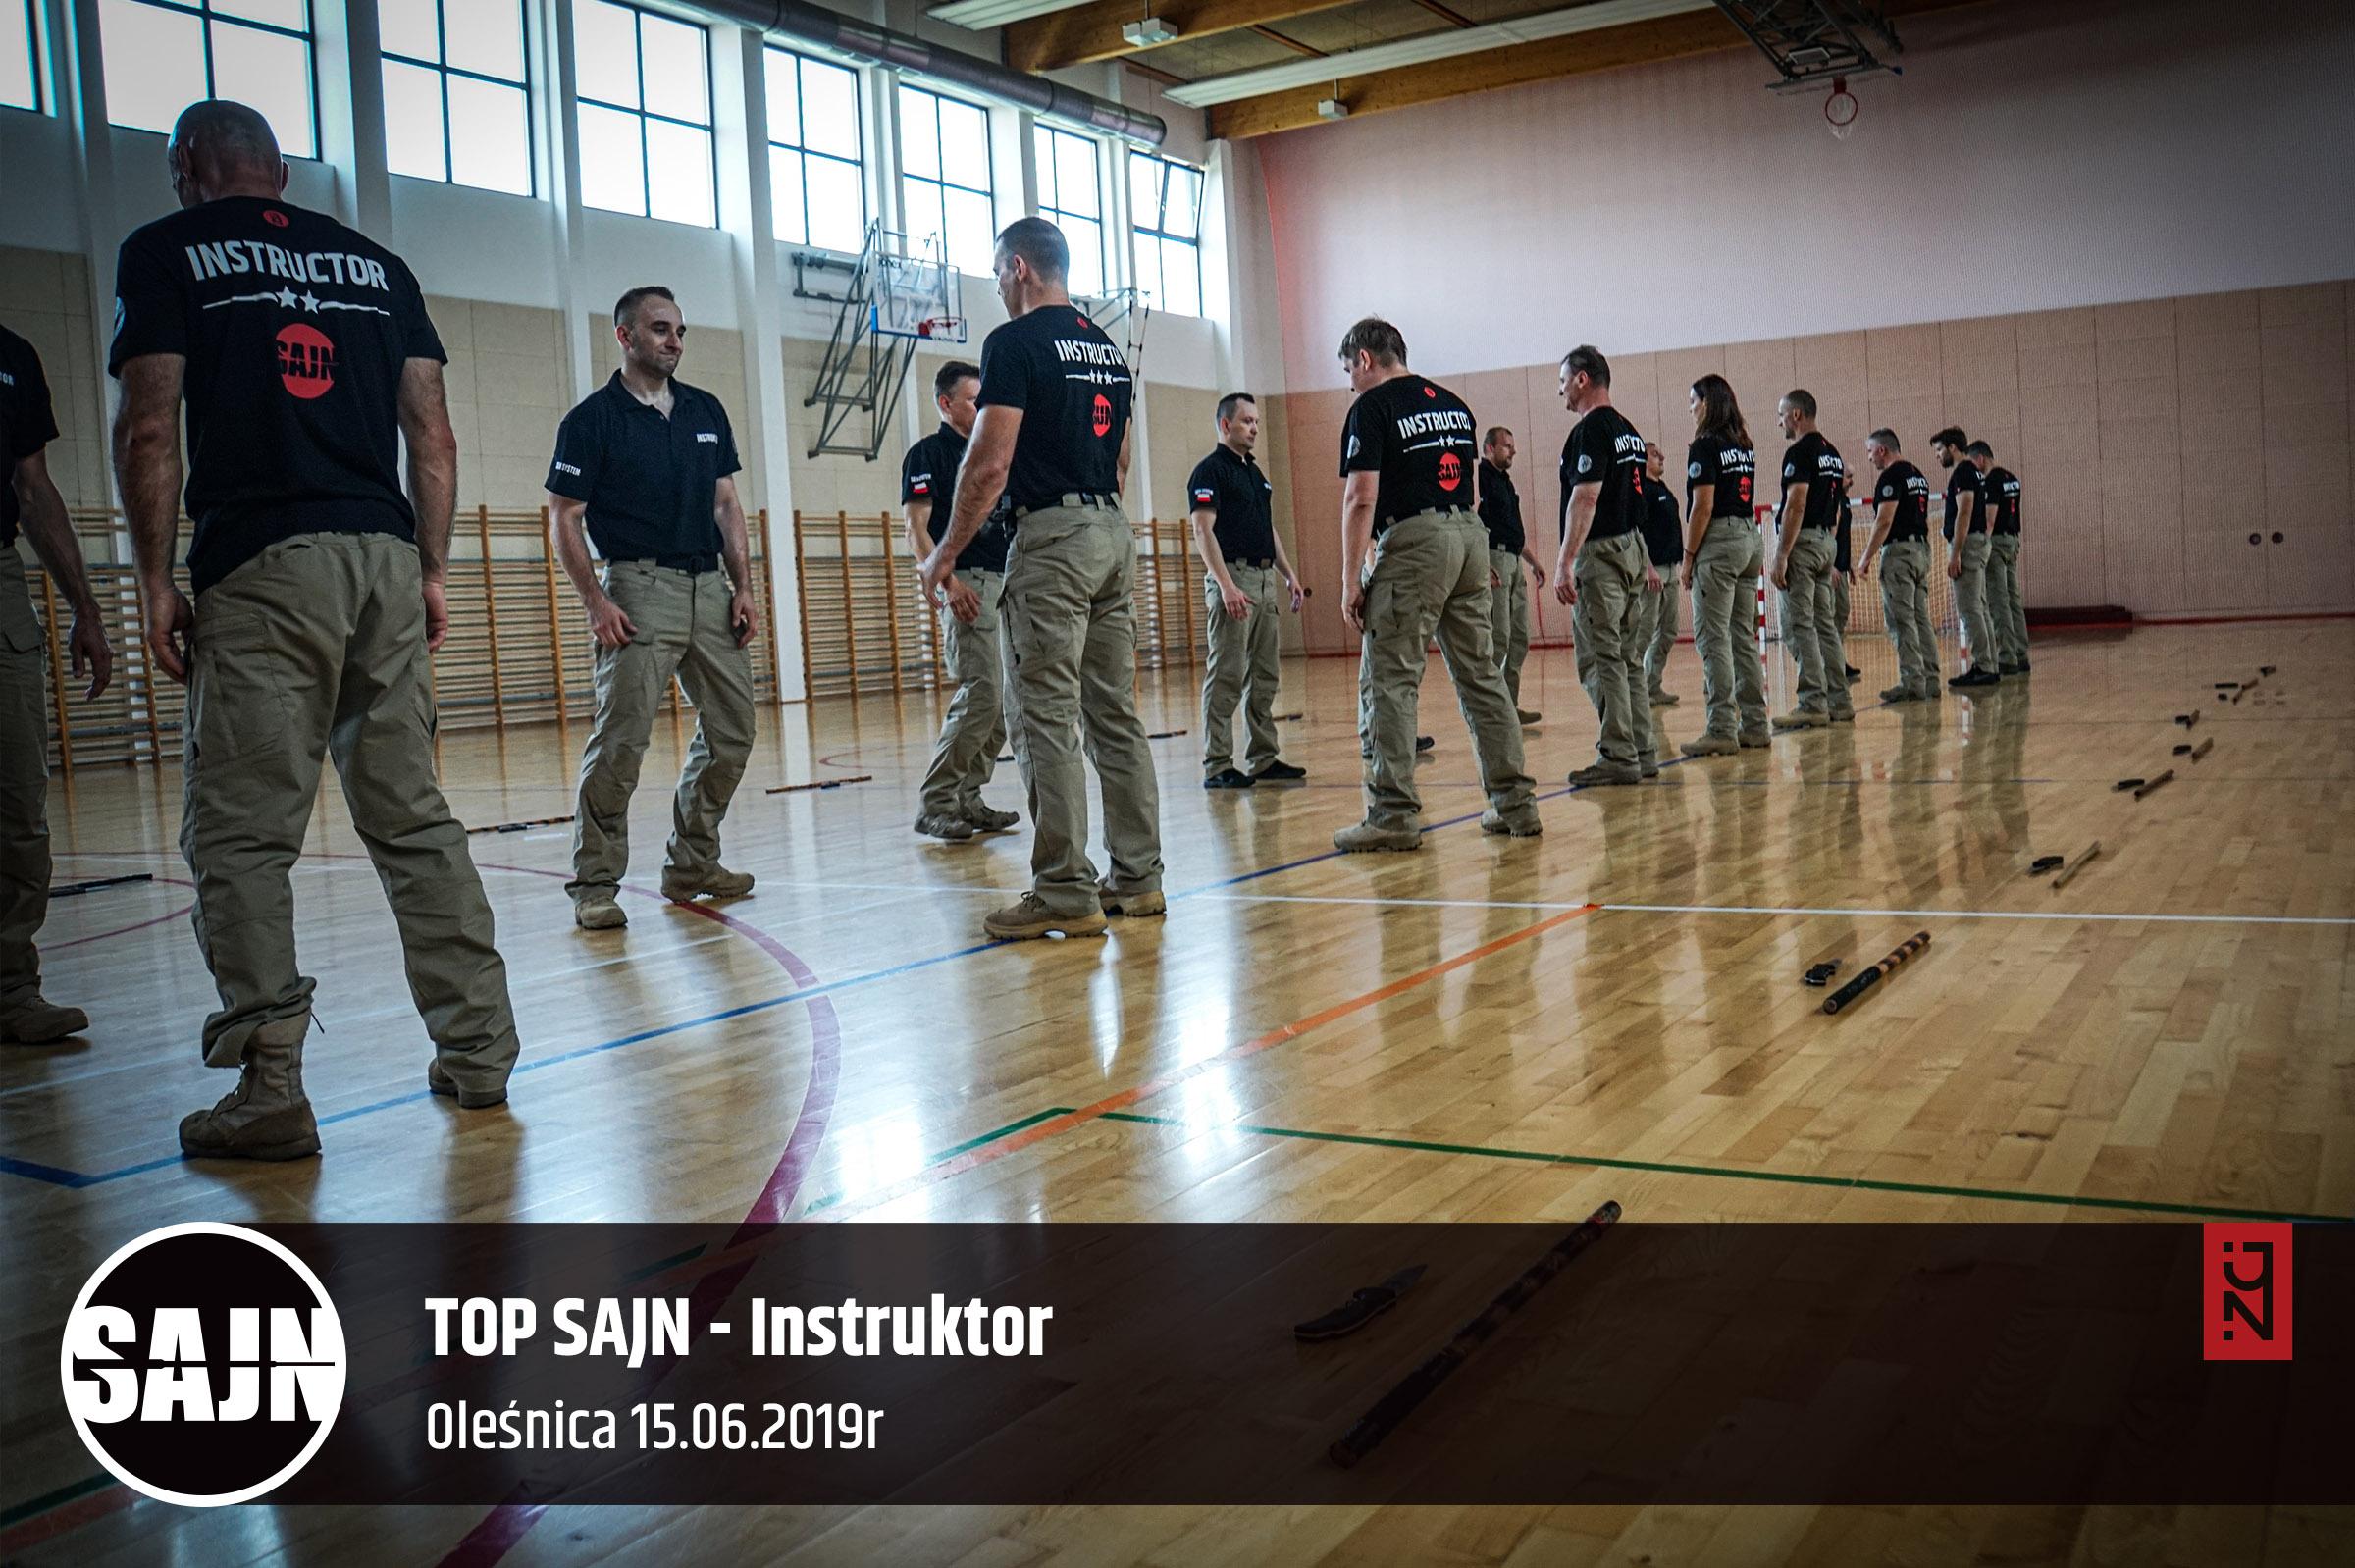 jan nycek_sajn_szkolenie dla sluzb mundurowych_palka teleskopowa_walka nozem_18.jpg